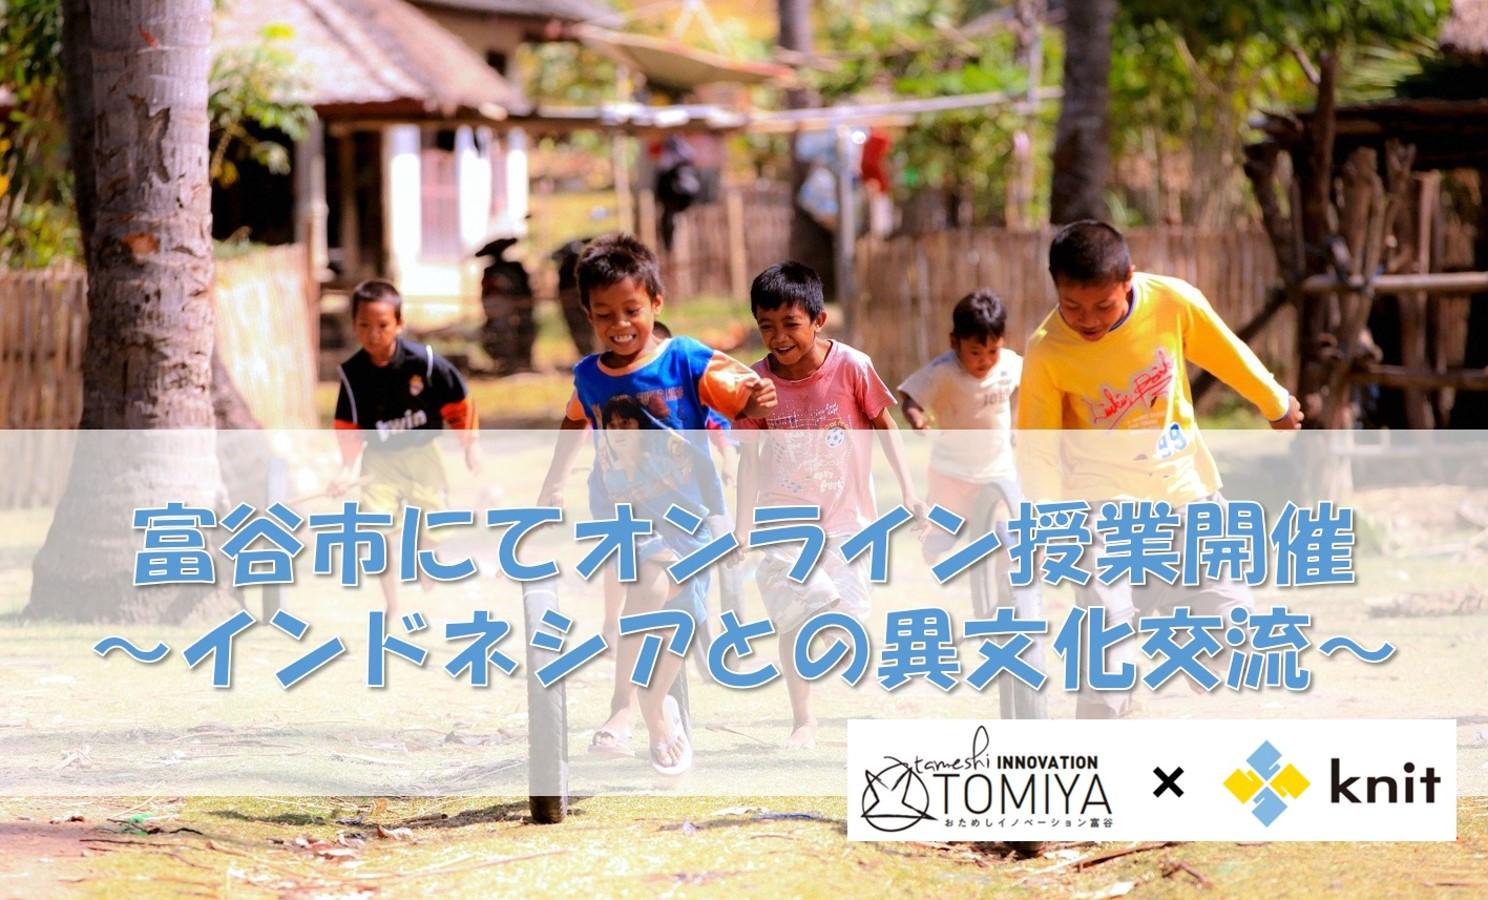 オンラインだからこそできたかも インドネシアの子どもたちと交流授業